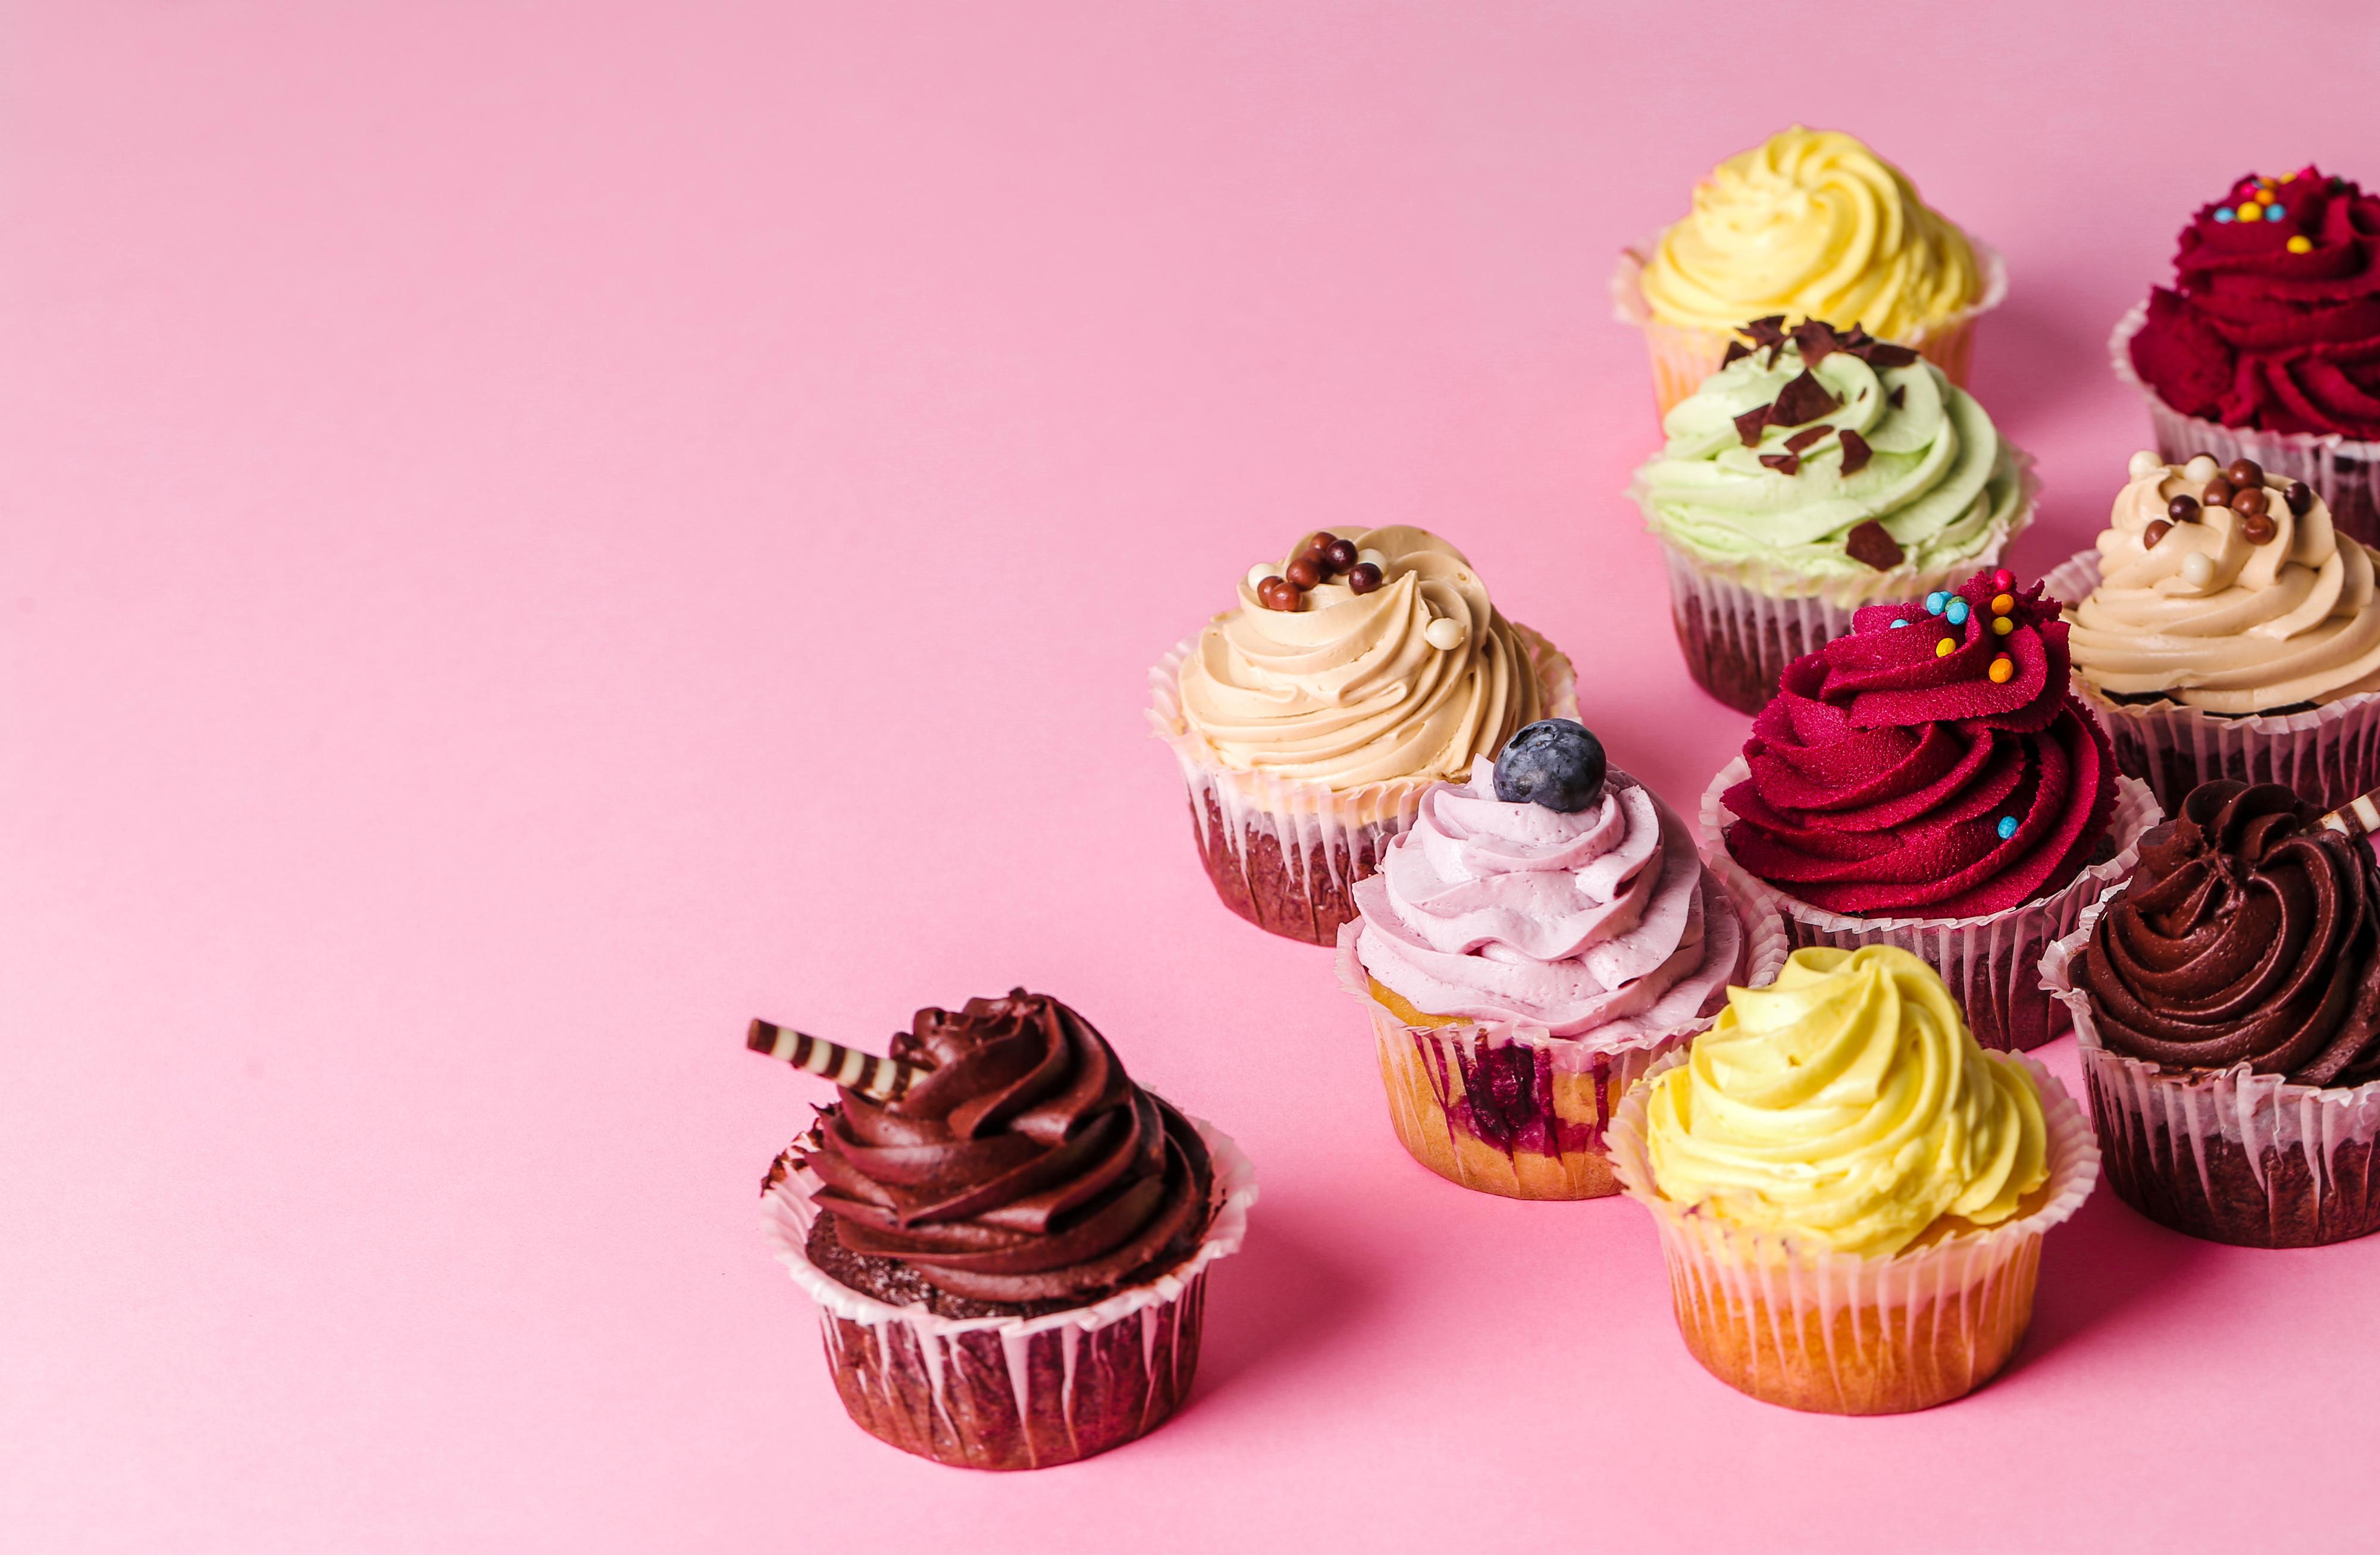 Bilder von Mehrfarbige Lebensmittel Törtchen Design Farbigen hintergrund 4000x2613 Bunte